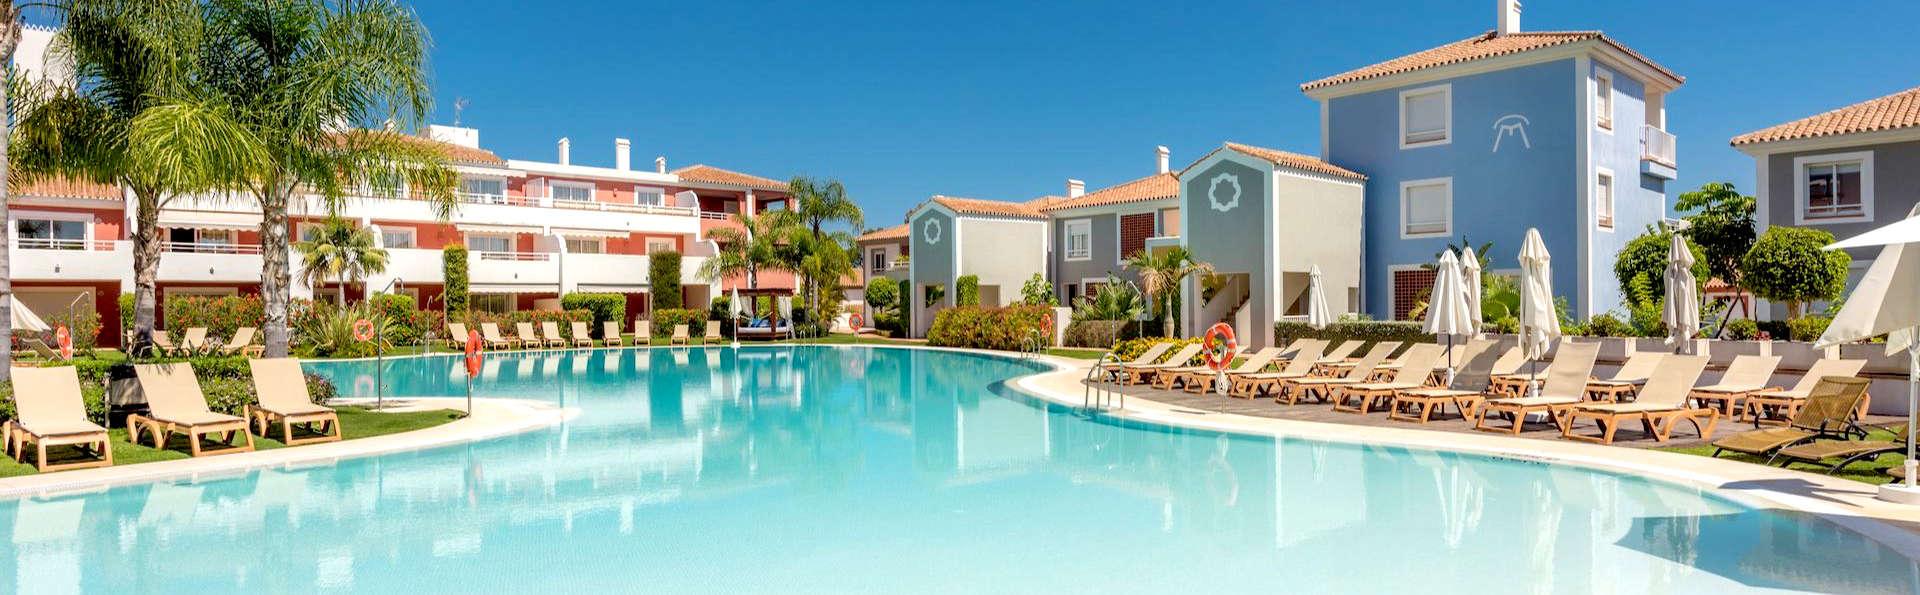 Cortijo del Mar Resort - Edit_Pool3.jpg